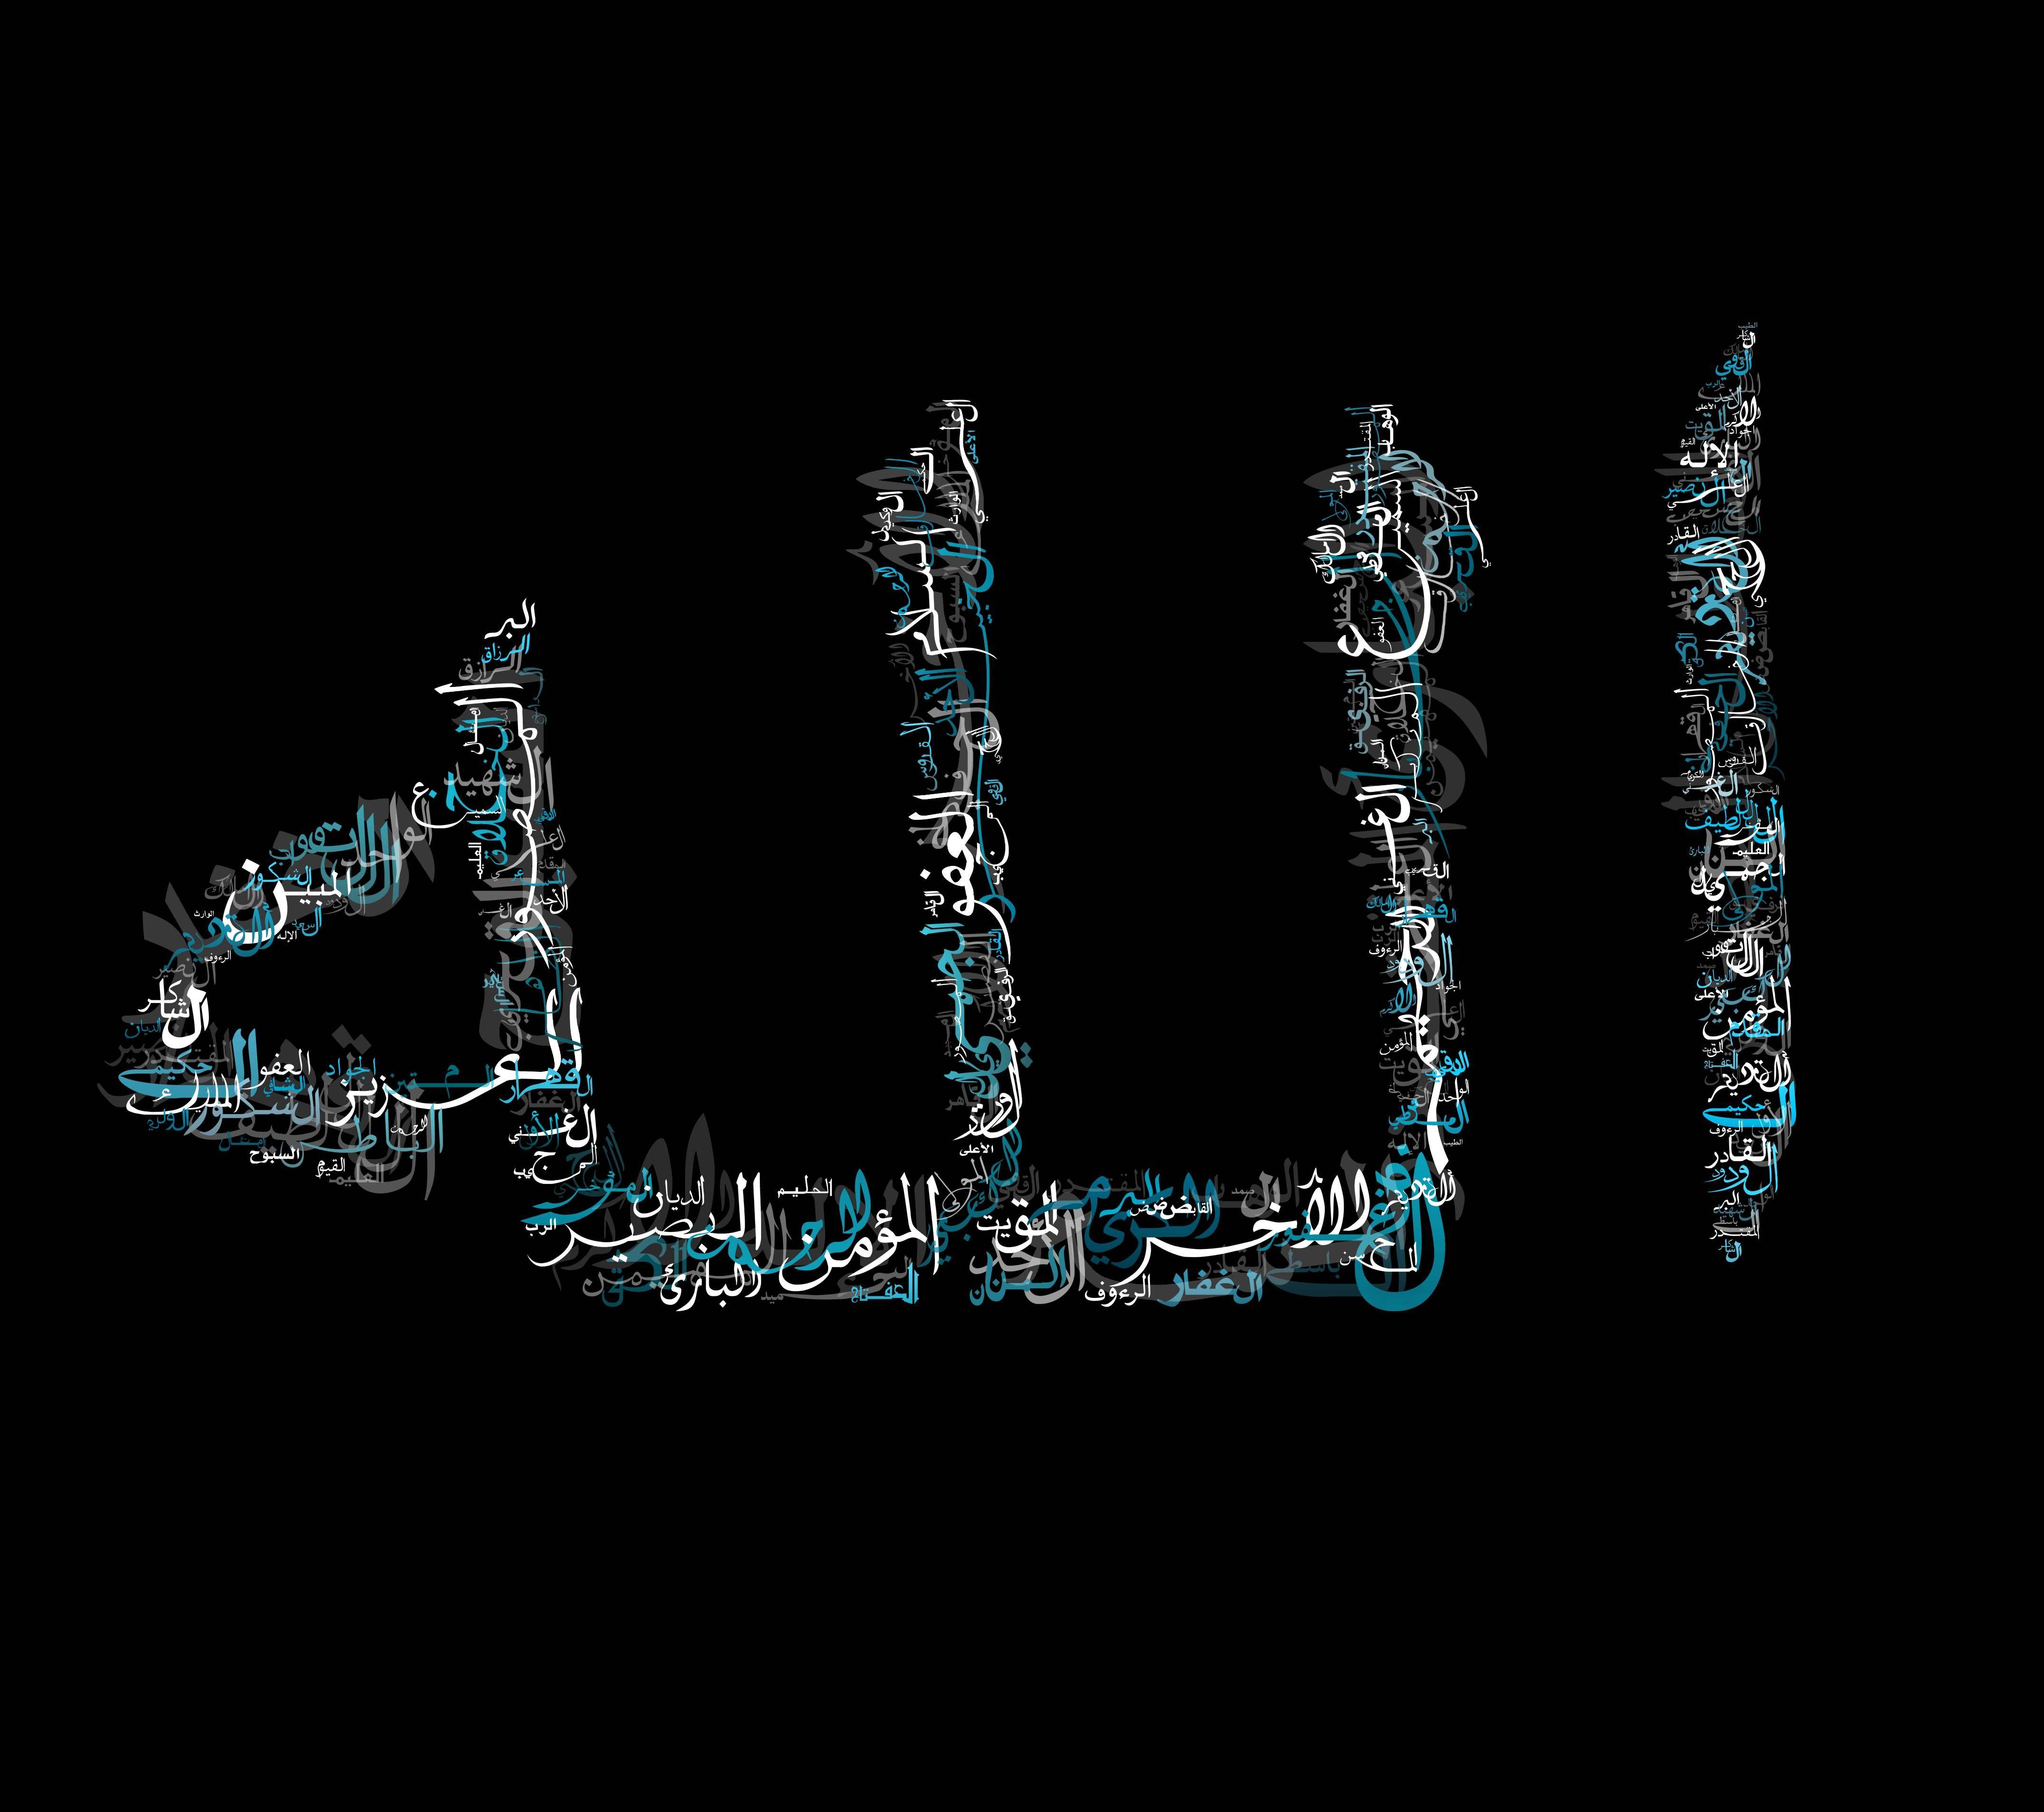 allah wallpapers wallpaper | 3d wallpapers | pinterest | 3d